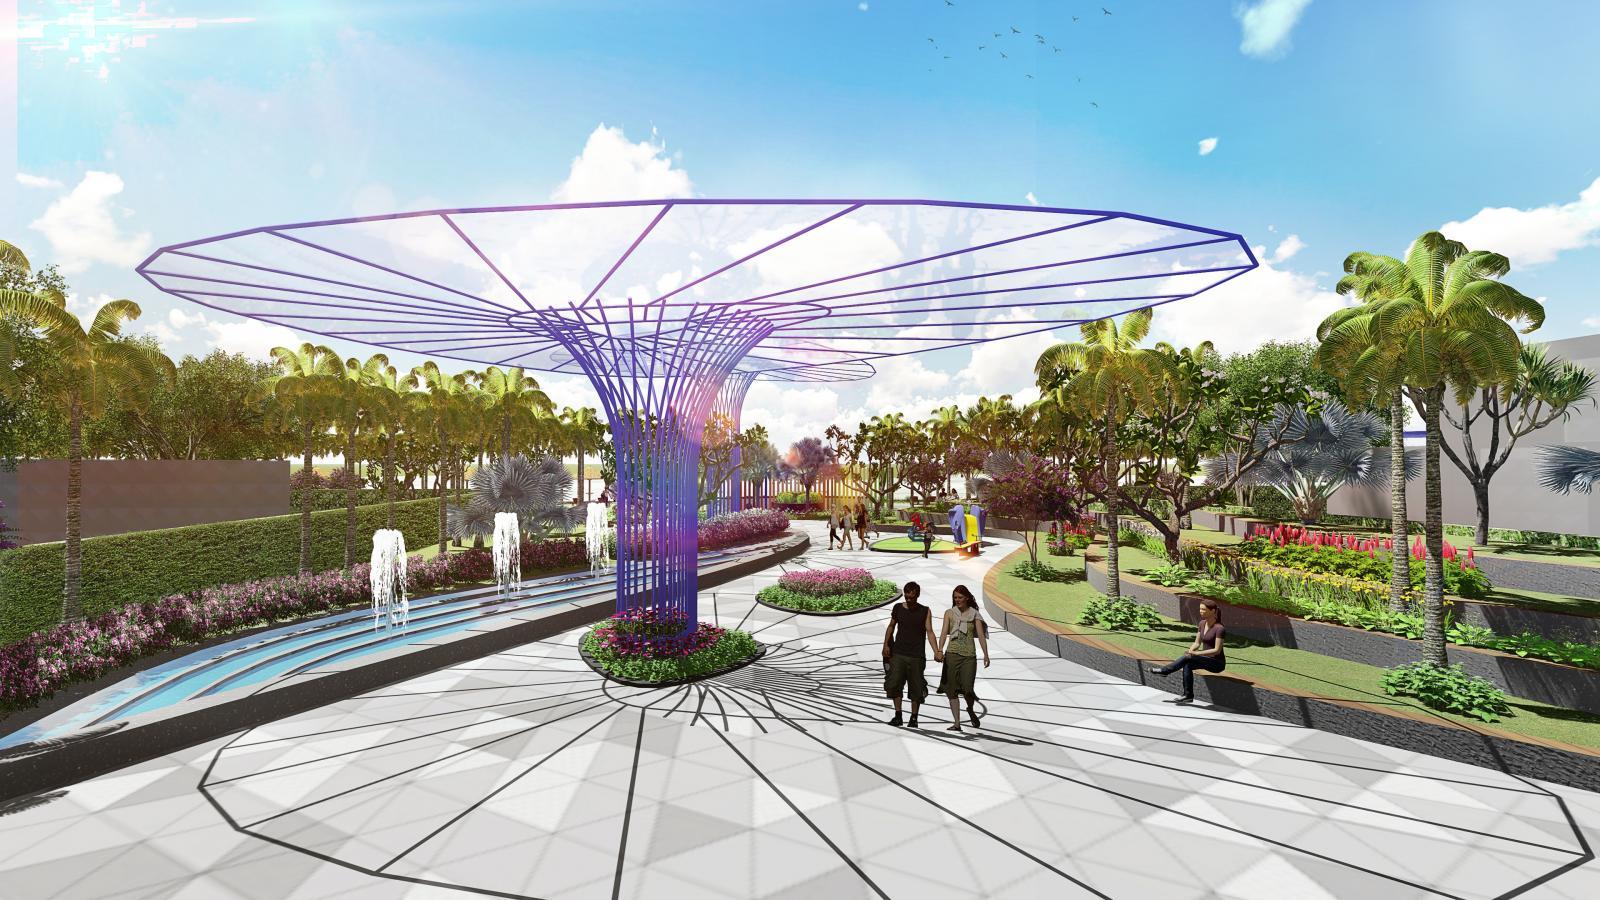 Hình ảnh công viên với cây nấm màu tím, nhiều cây xanh và người qua lại